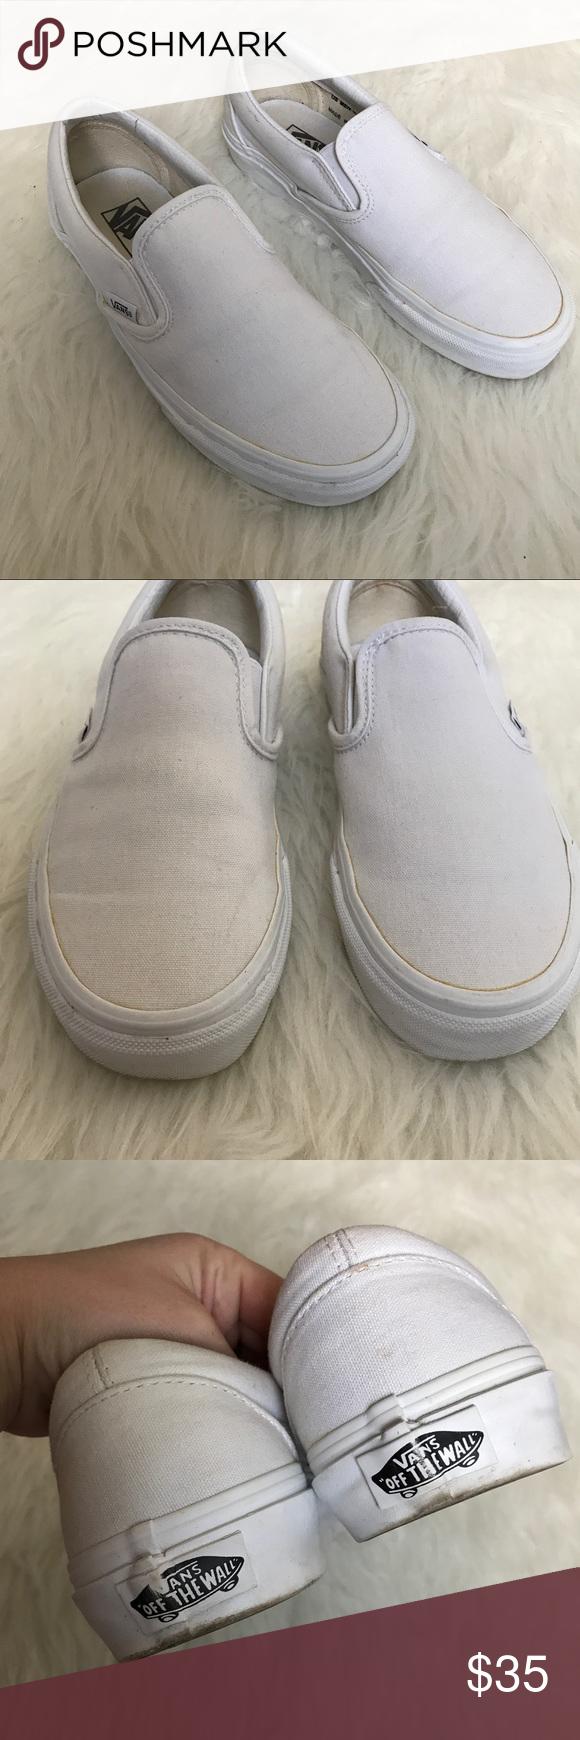 Vans Classic White Slip On Sneakers